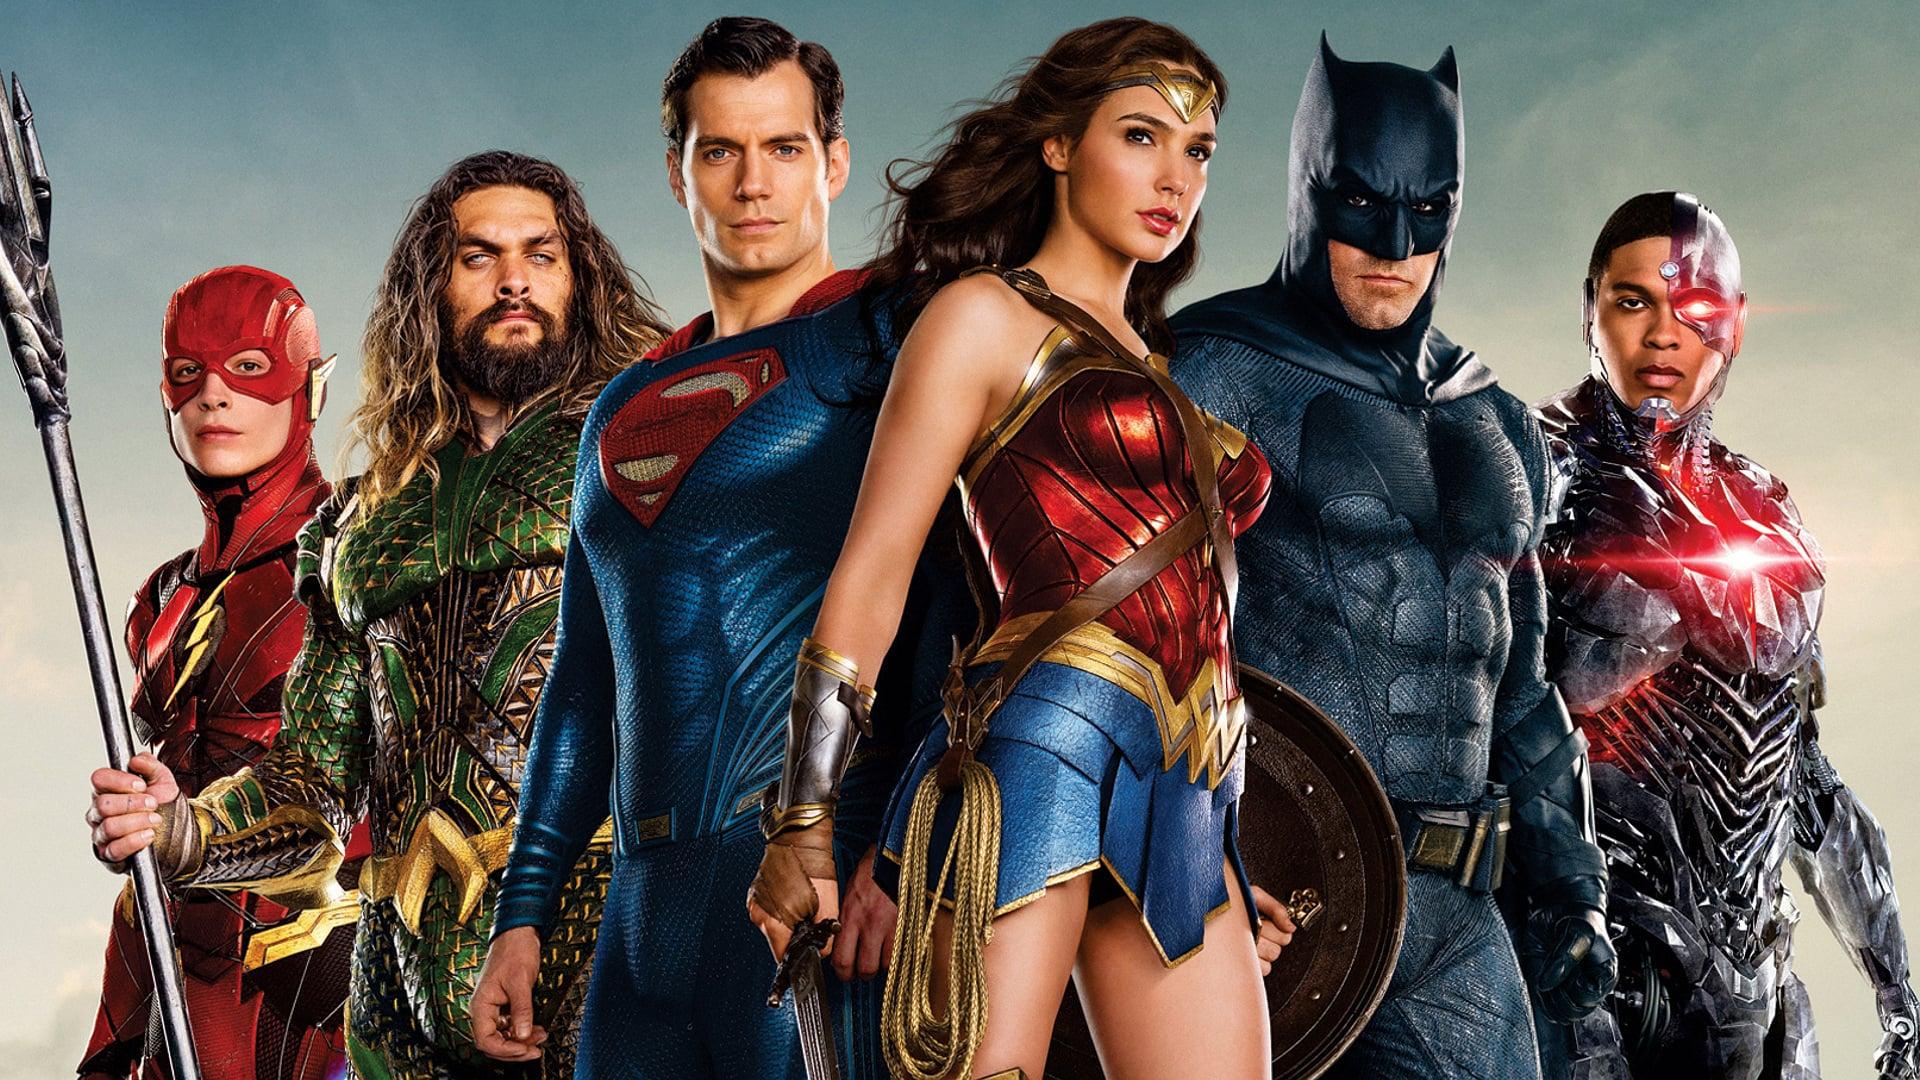 施耐德:《正义联盟》导剪版可能会被评为R级电影